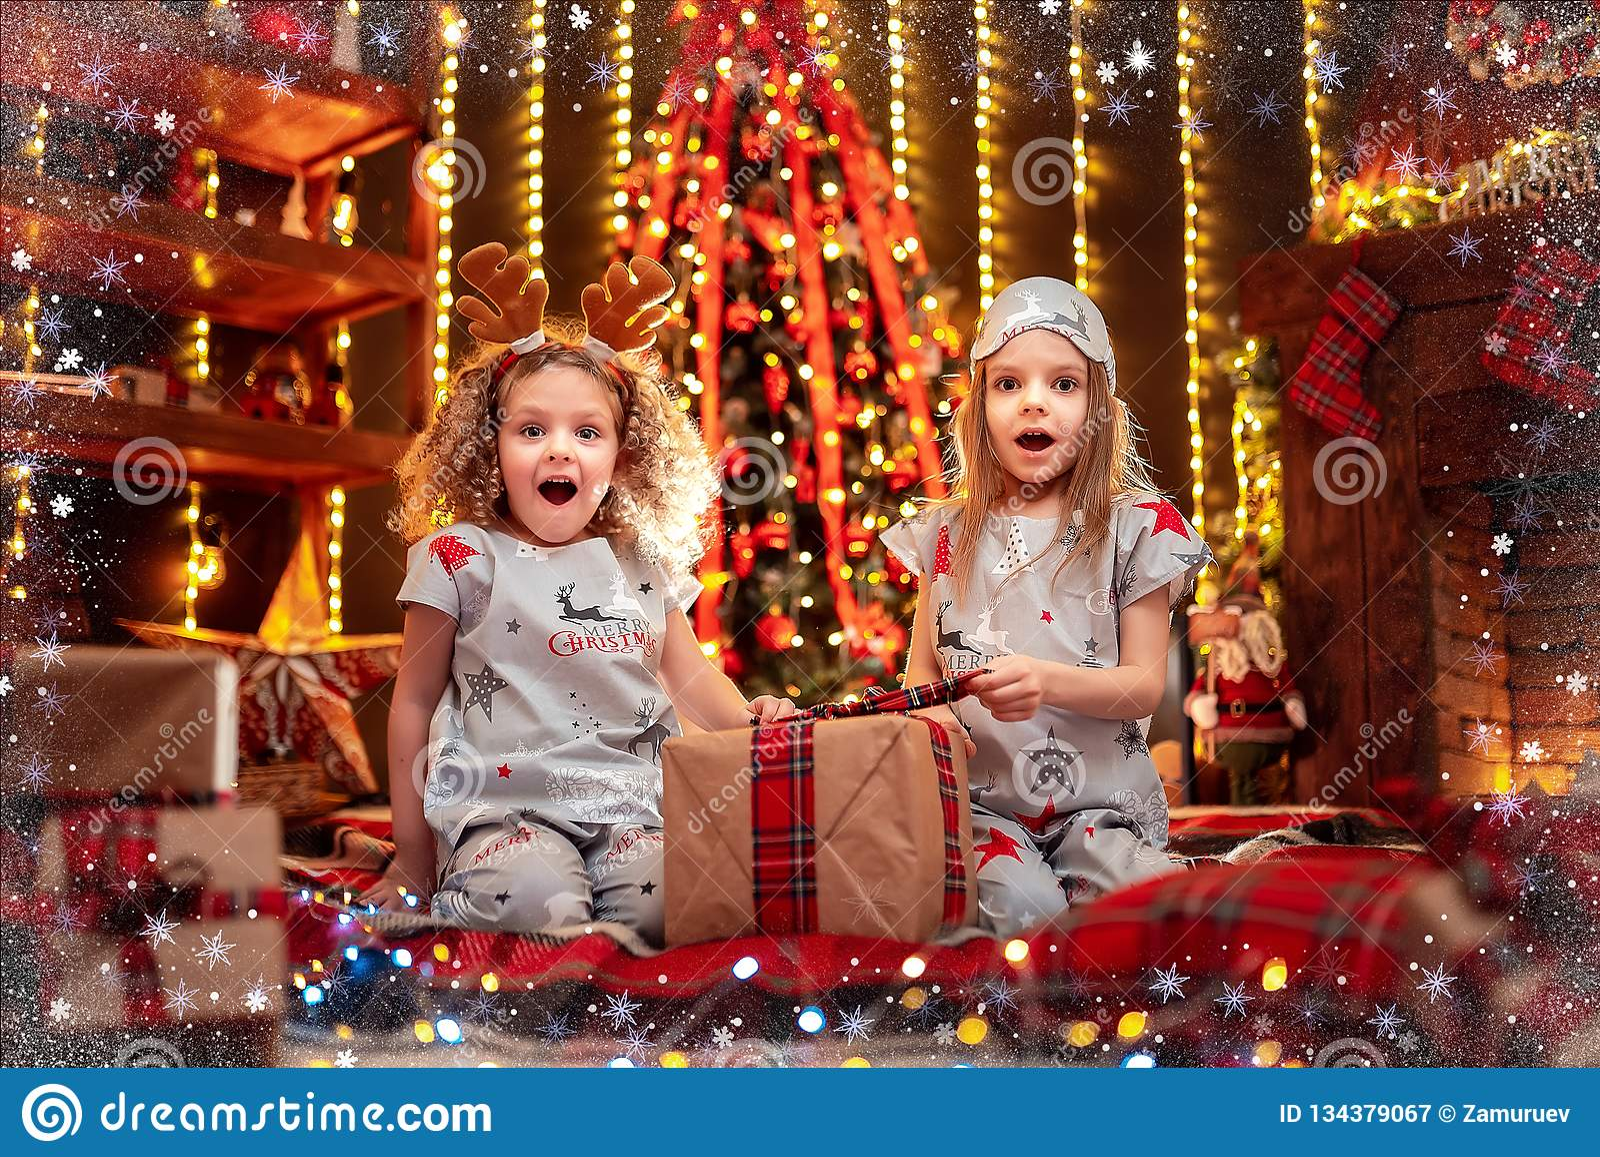 Glückliche kleine Mädchen, die offene Geschenkbox der Weihnachtspyjamas durch einen Kamin in einem gemütlichen dunklen Wohnzimmer